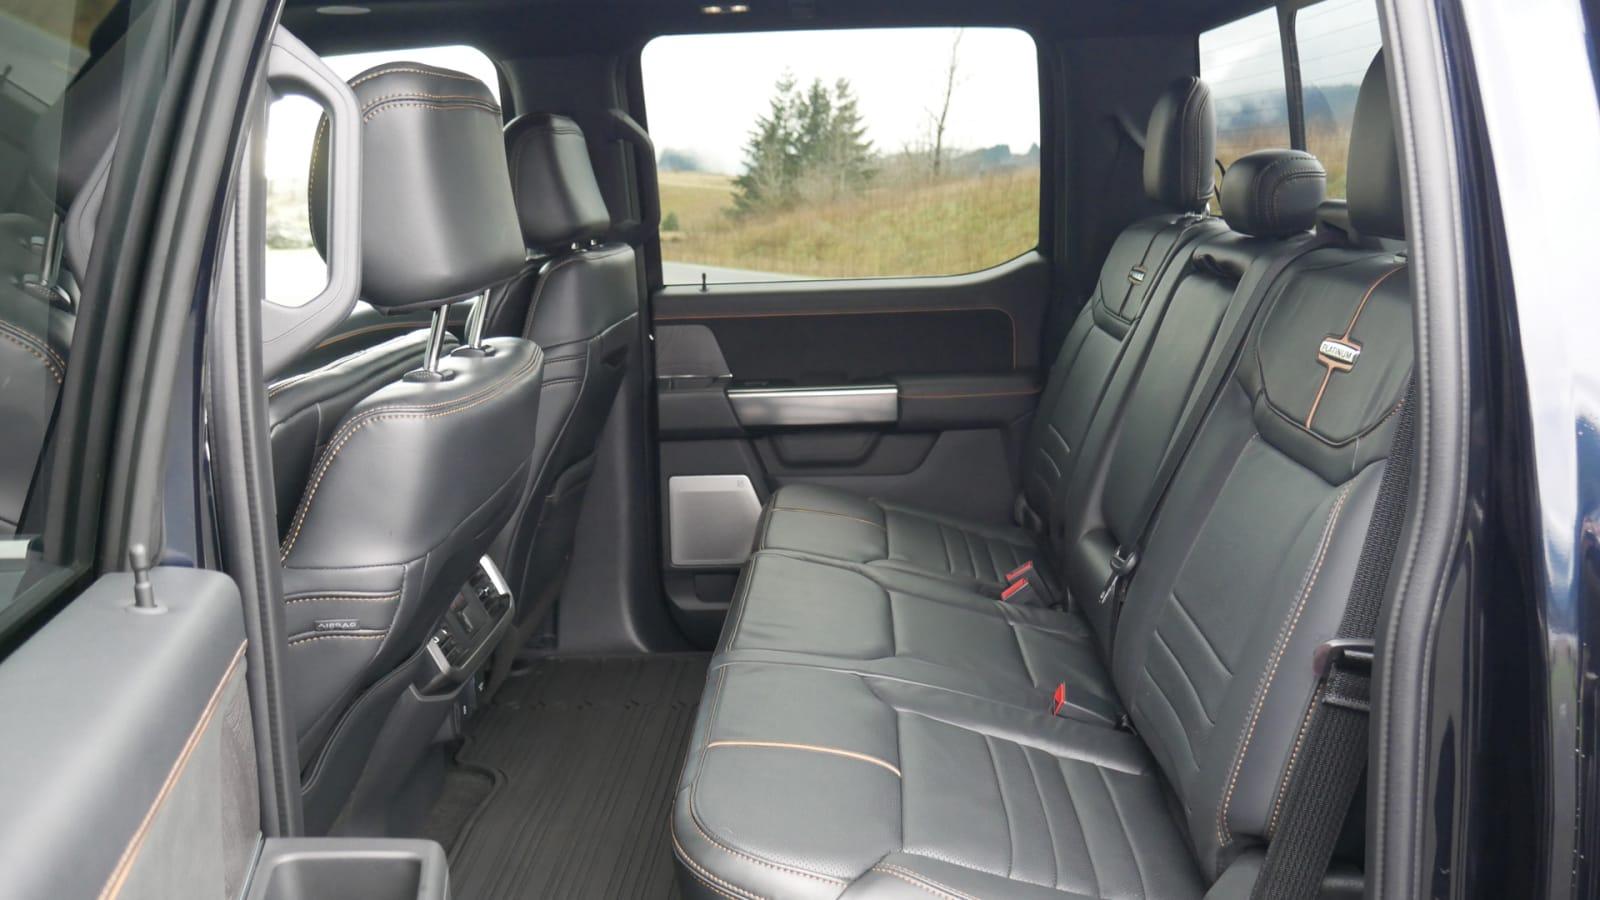 2021 Ford F 150 Super Crew Platinum PHEV back seat1